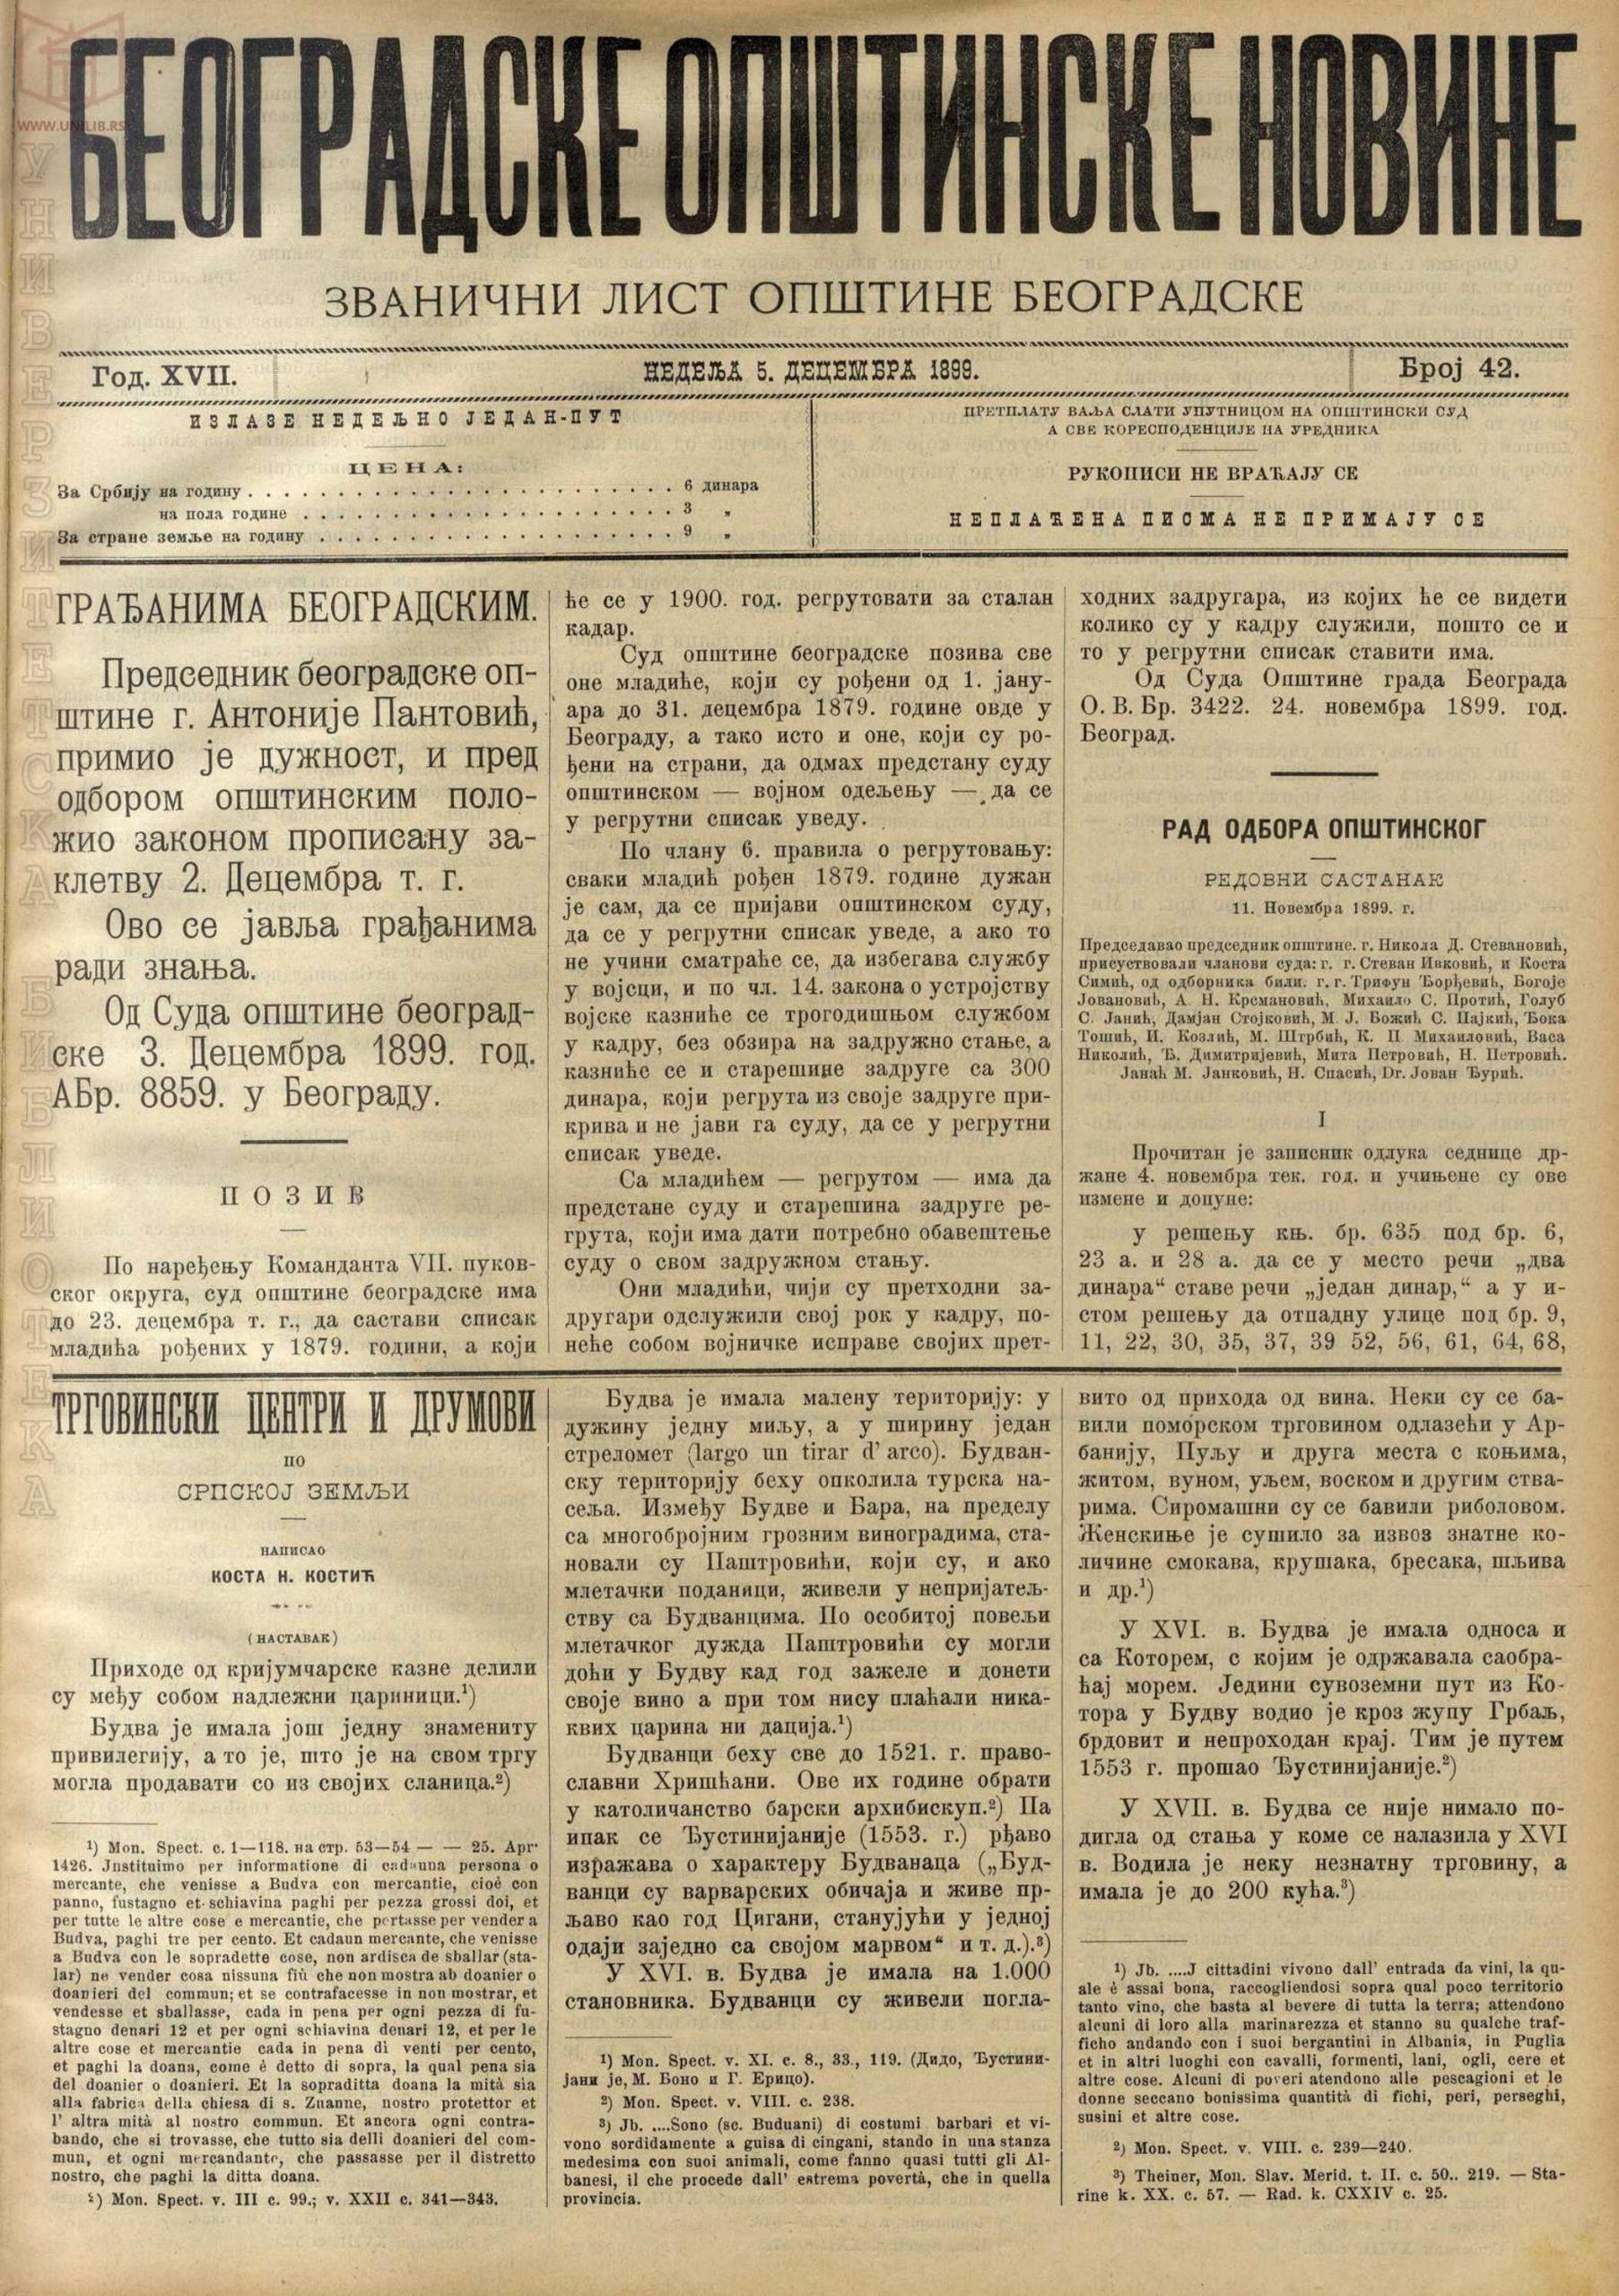 Beogradske opštinske novine 05.12.1899-1